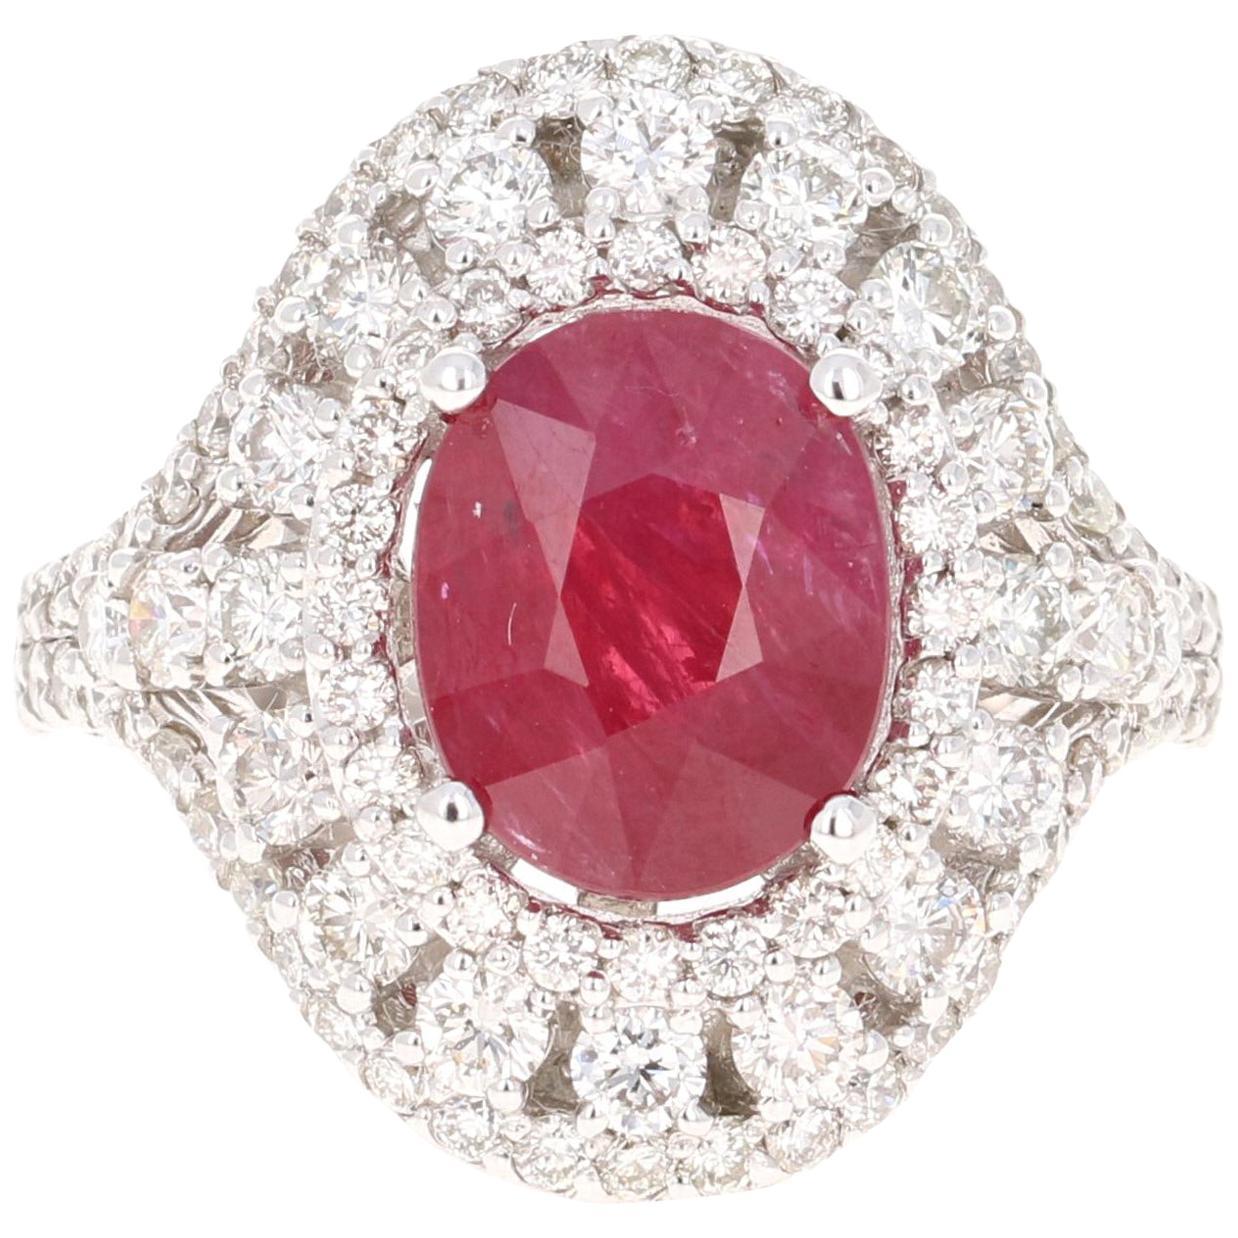 5.77 Carat Ruby Diamond 14 Karat White Gold Cocktail Ring